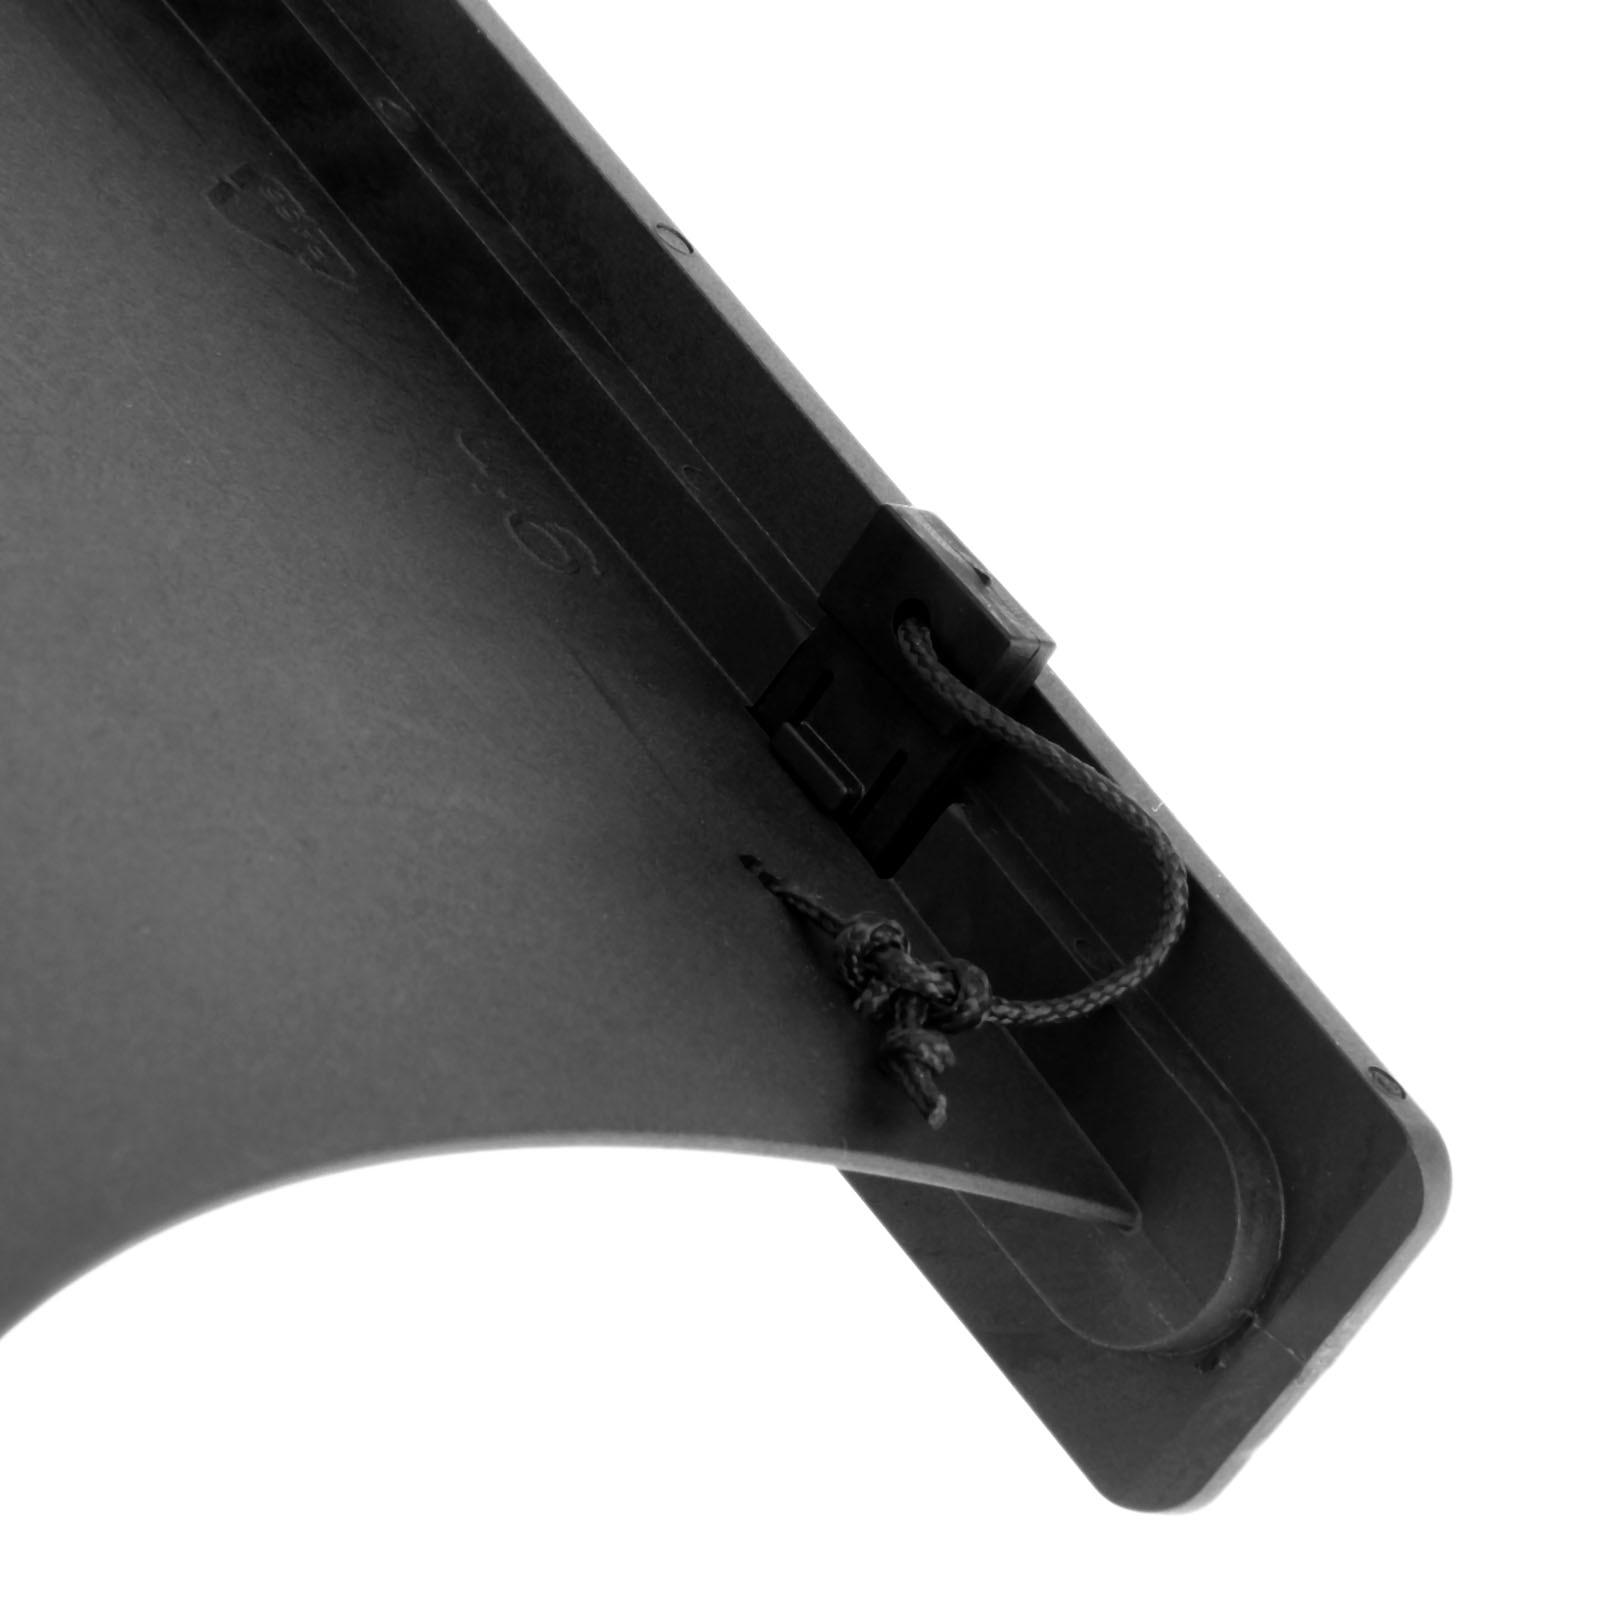 skeg rastreamento fin prancha slide-in barbatana lateral